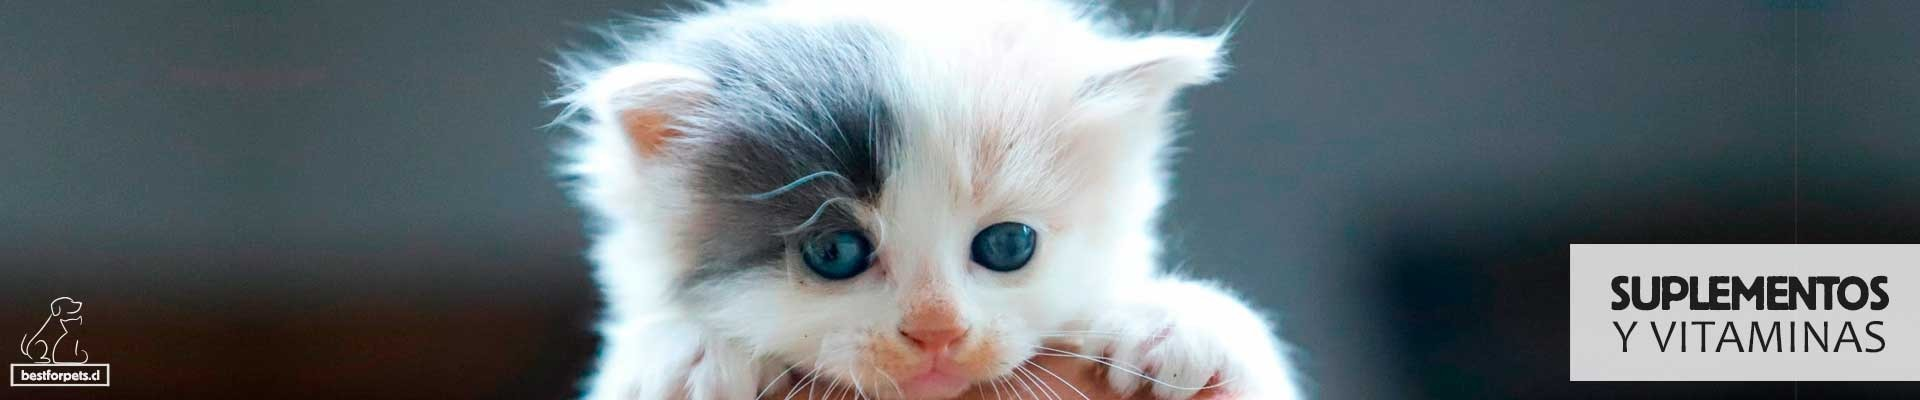 Suplementos y Vitaminas para gatos